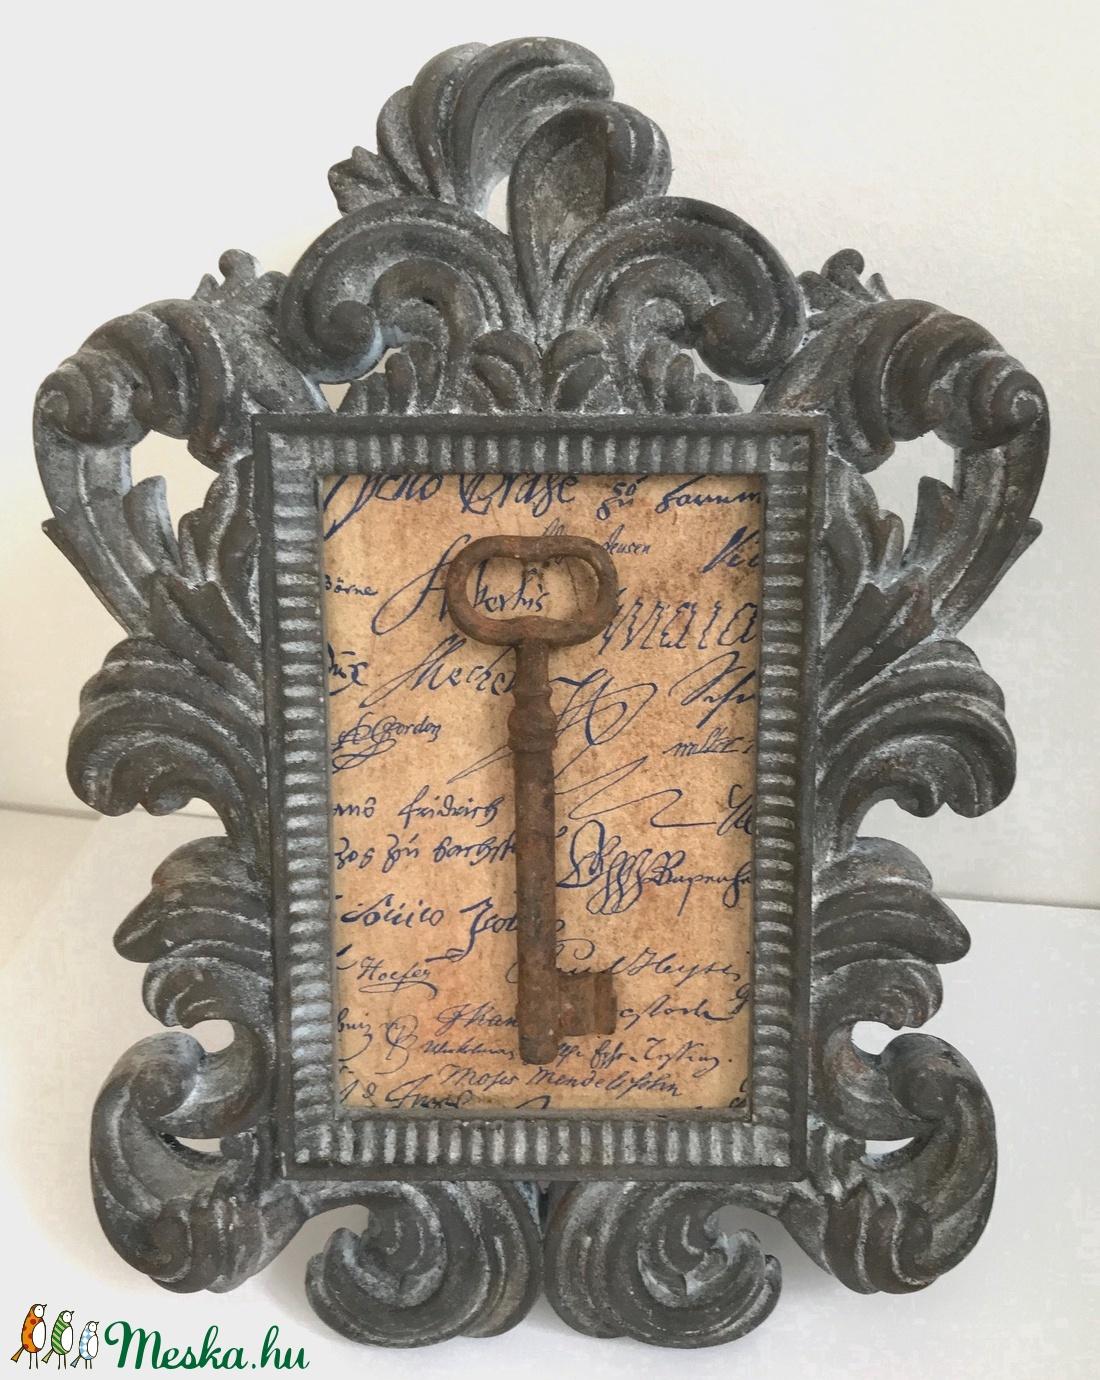 Egyedi romantikus képkeret - régi kulcs - antik - barokk - vintage hangulat - shabby  chic stílus - kézzel készült darab (Edian) - Meska.hu